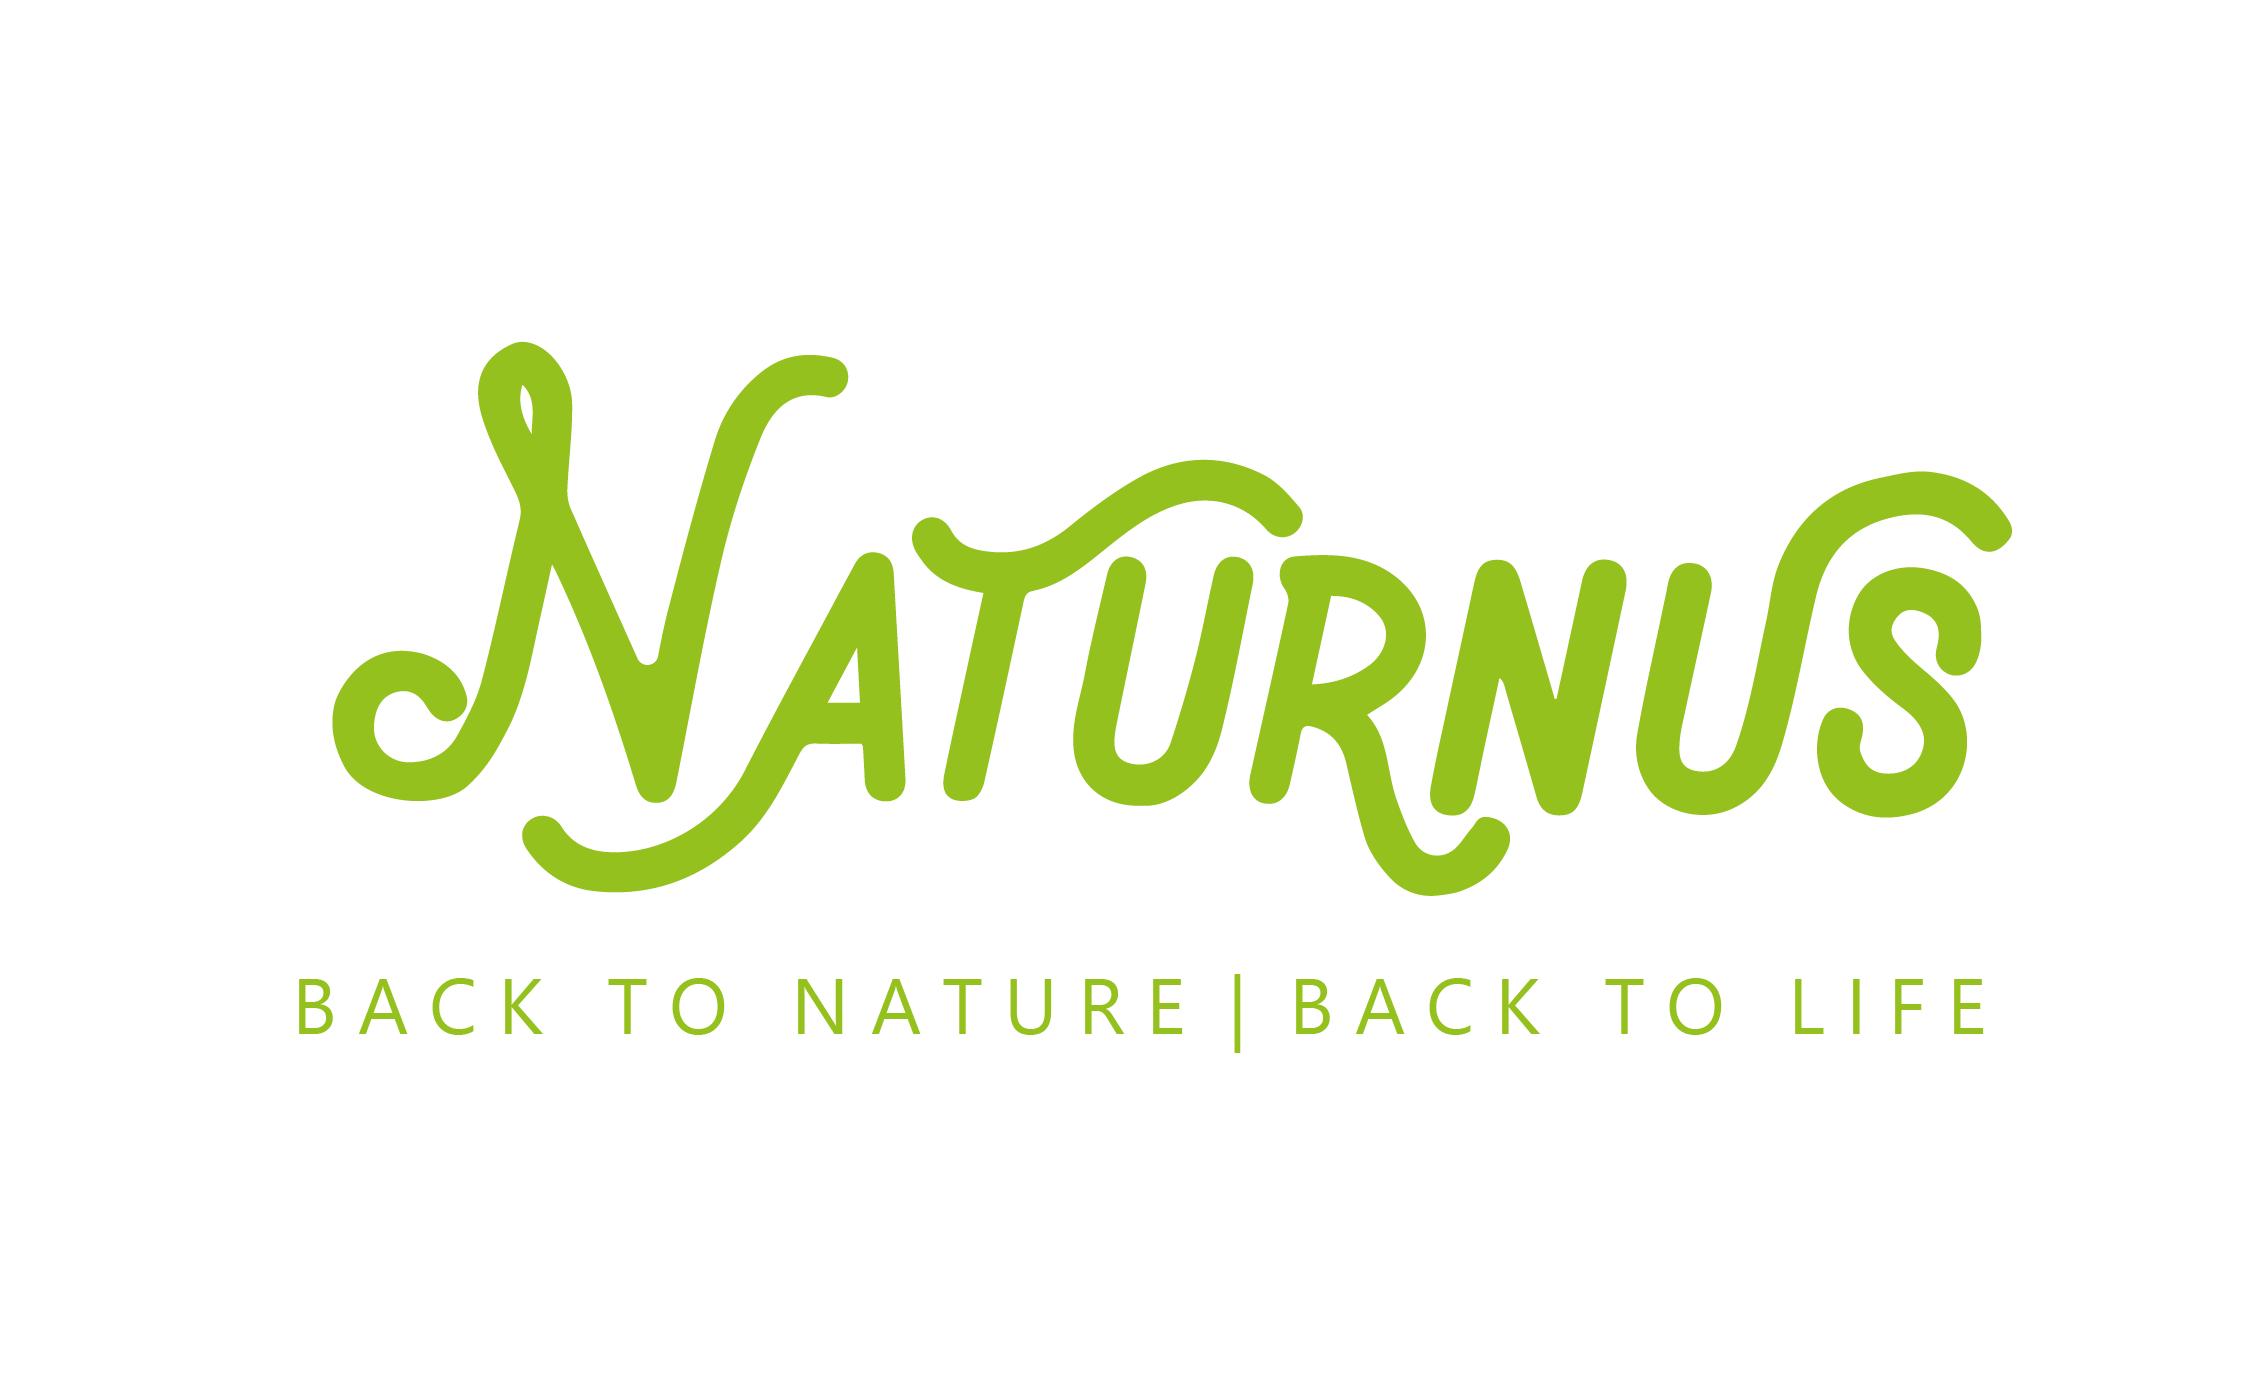 Naturnus